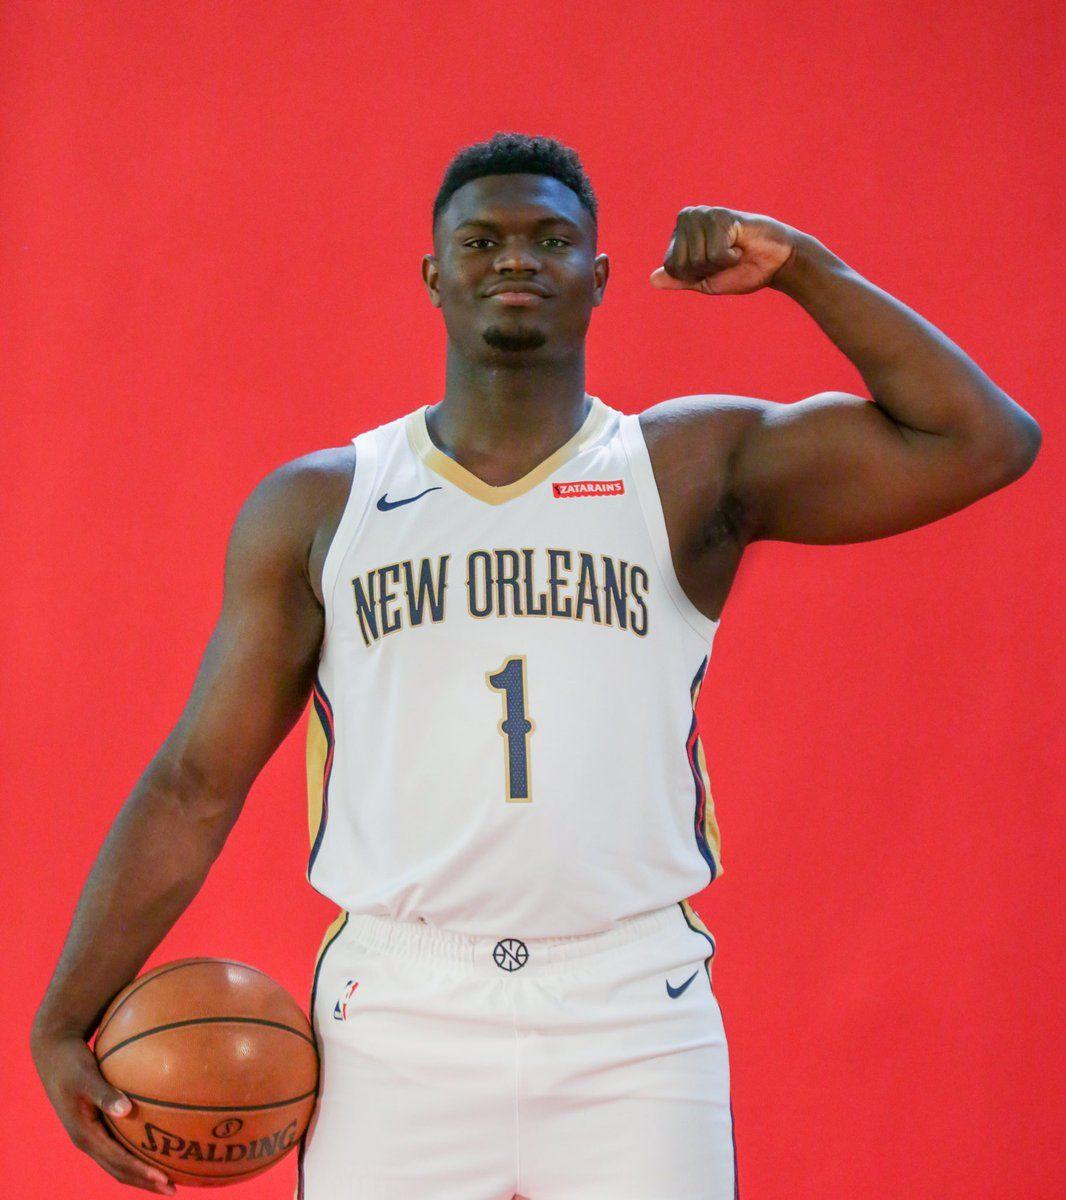 Pin on Basketball players nba